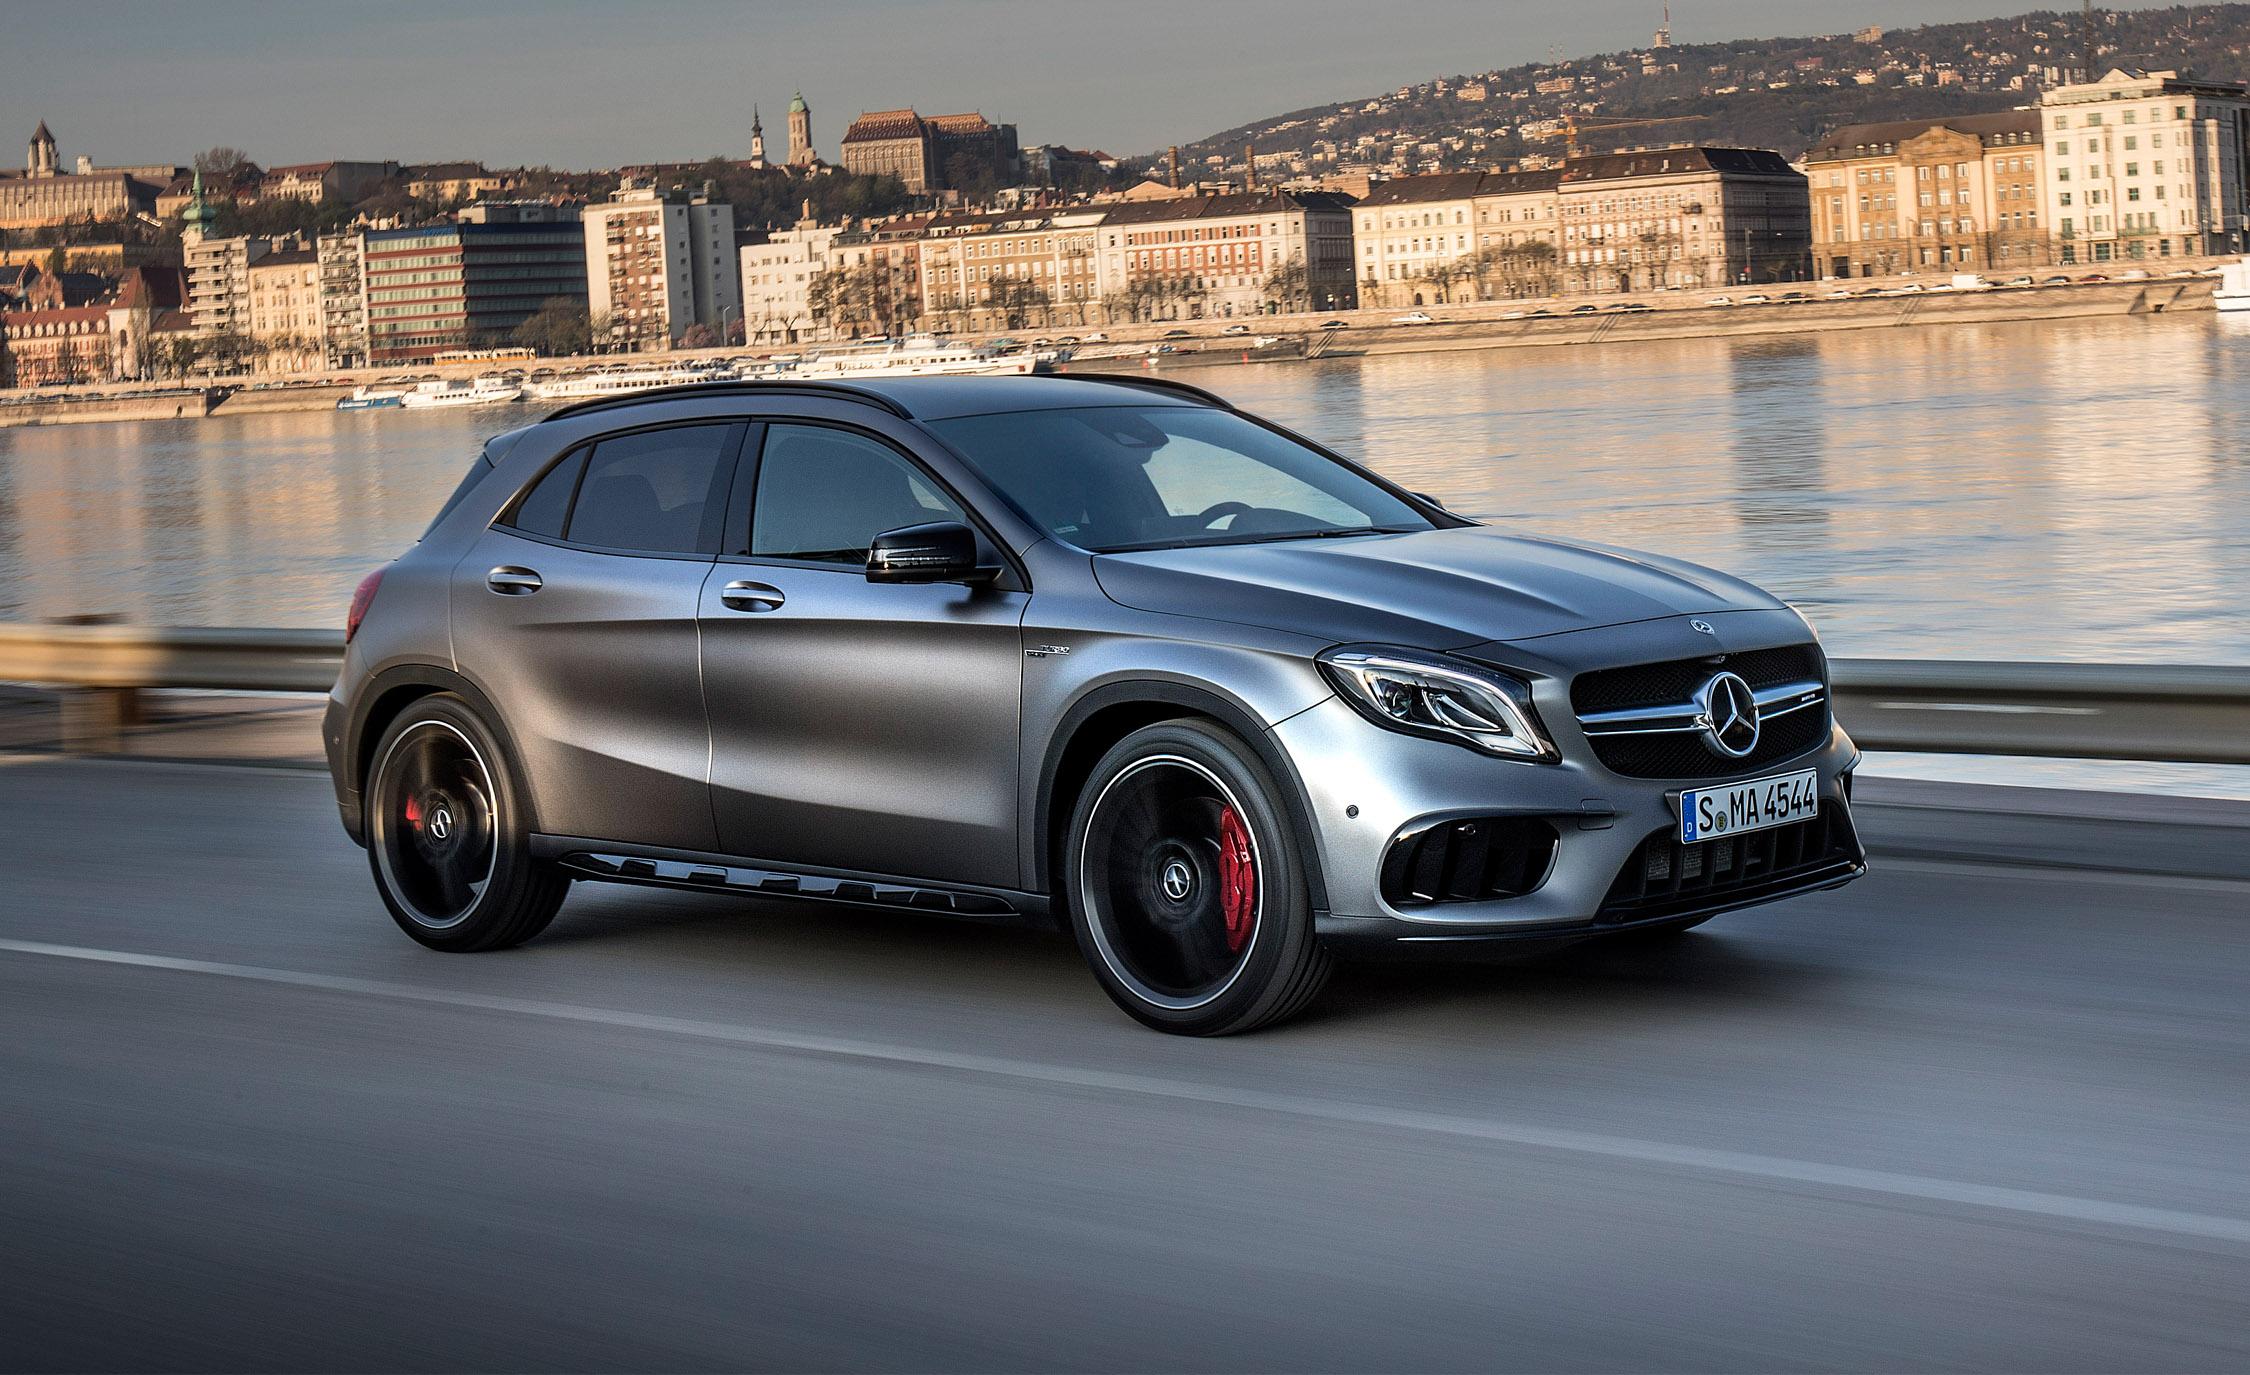 پنج Mercedes-Benz AMG برتر که در2018 به بازار می آیند